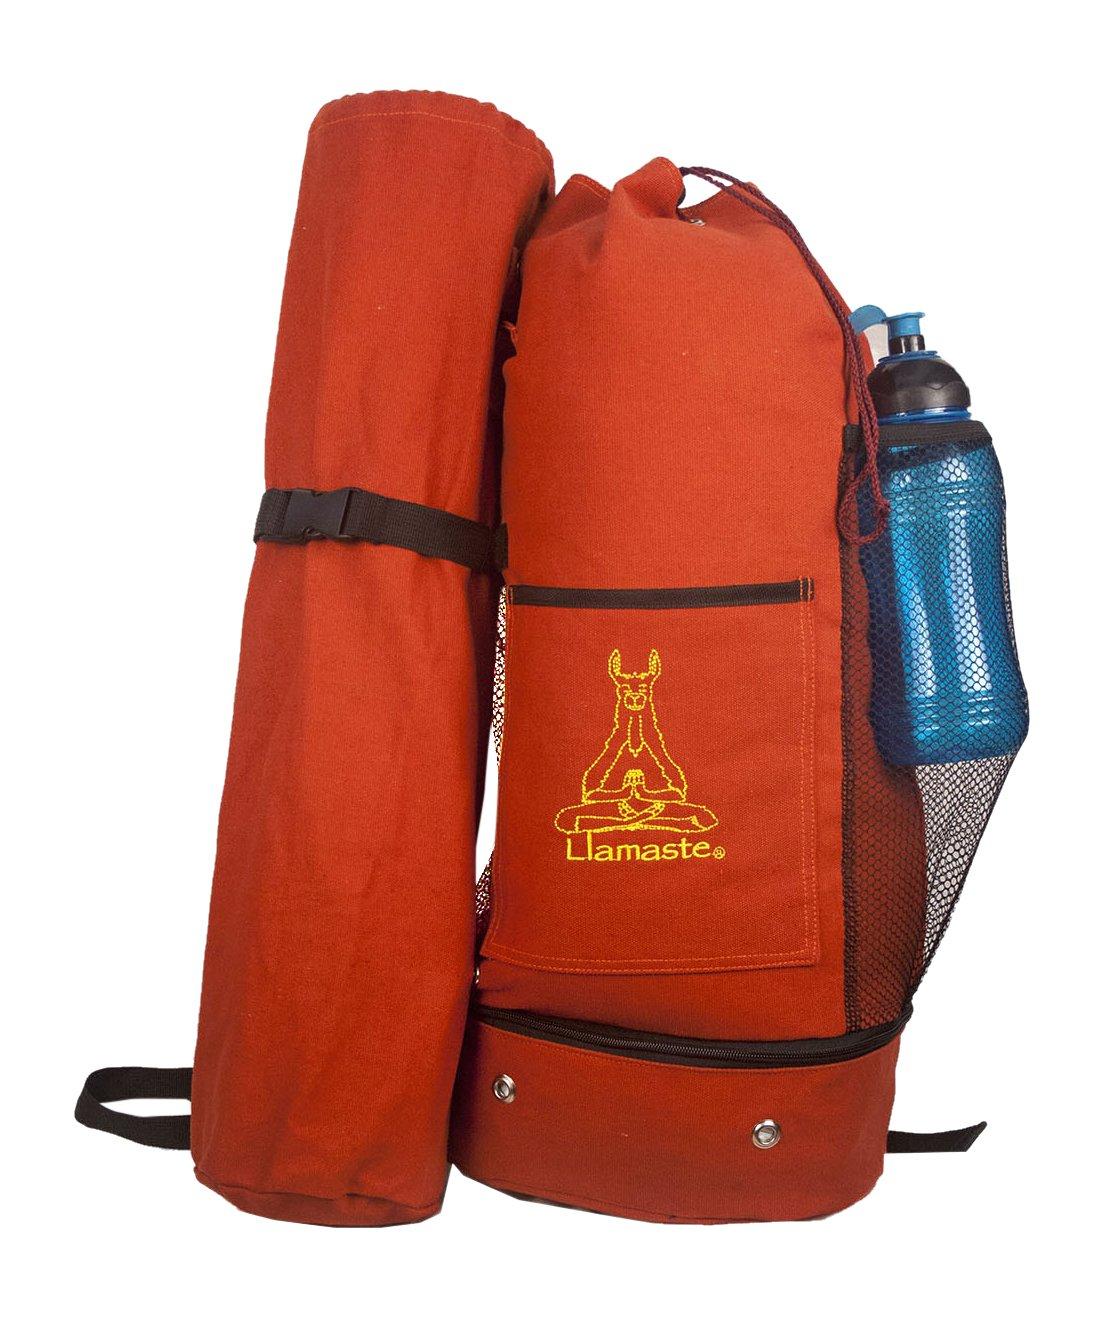 Llamaste Premium Edition Yoga Mat Duffle Bag by Llamaste